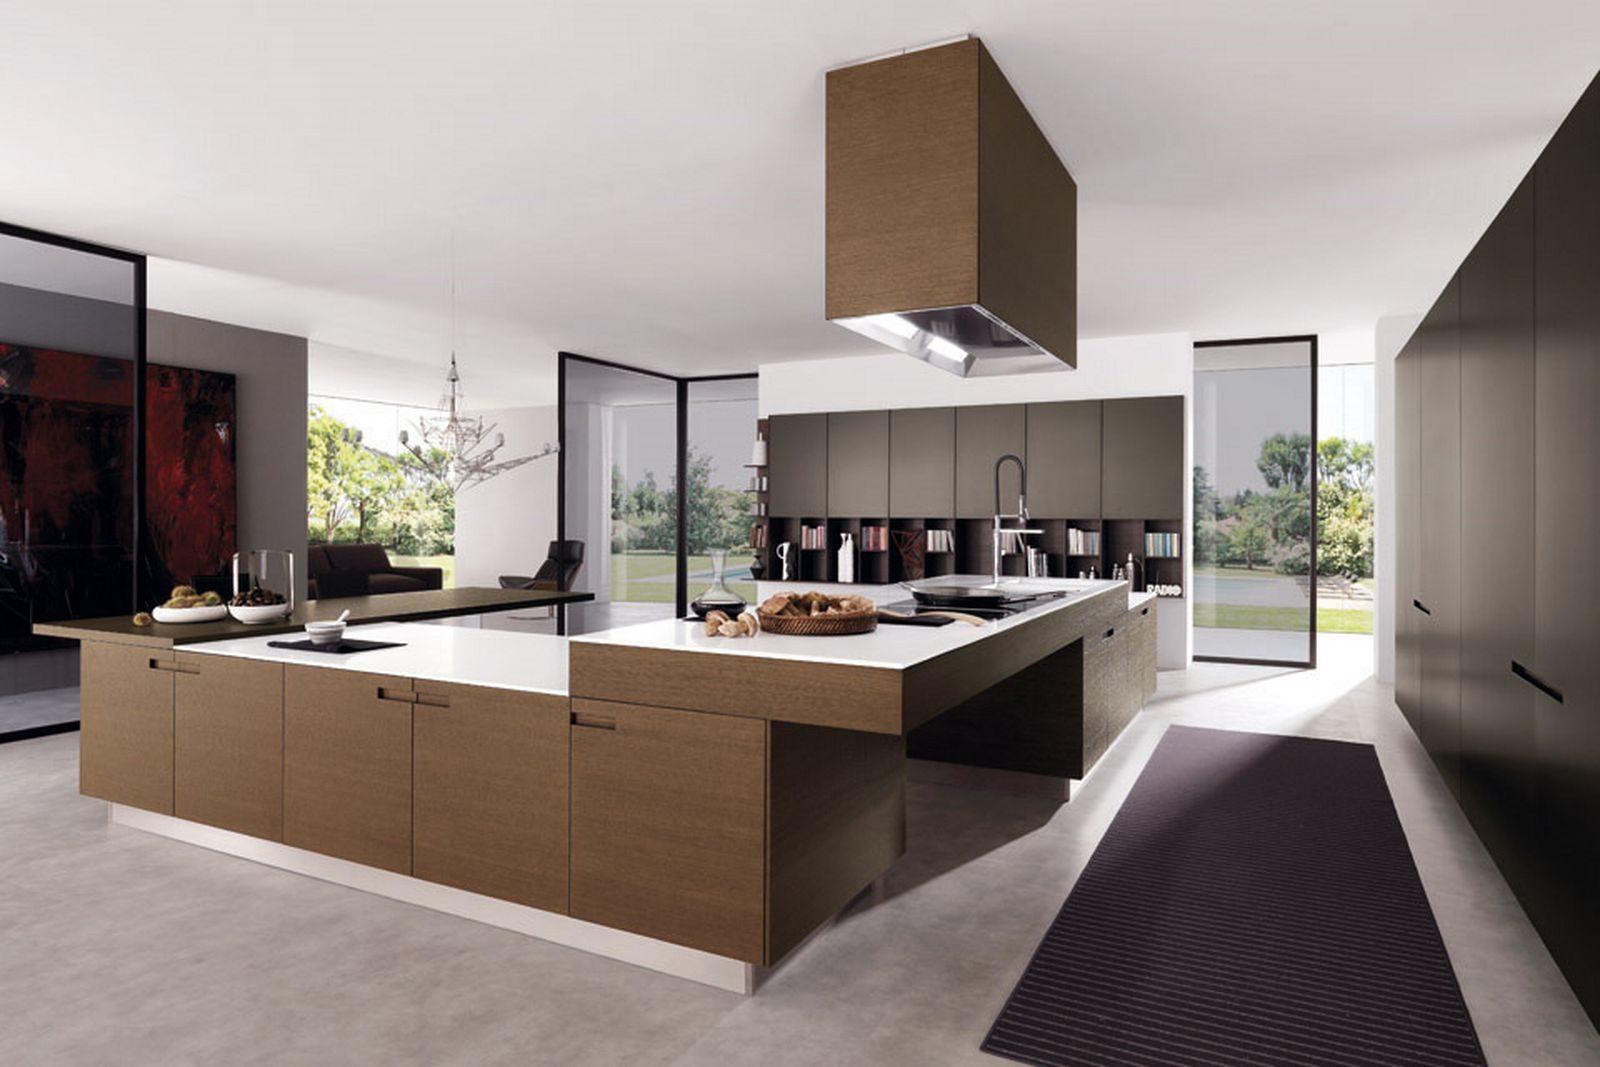 Muebles para cocina: Tipos de materiales para muebles de cocina